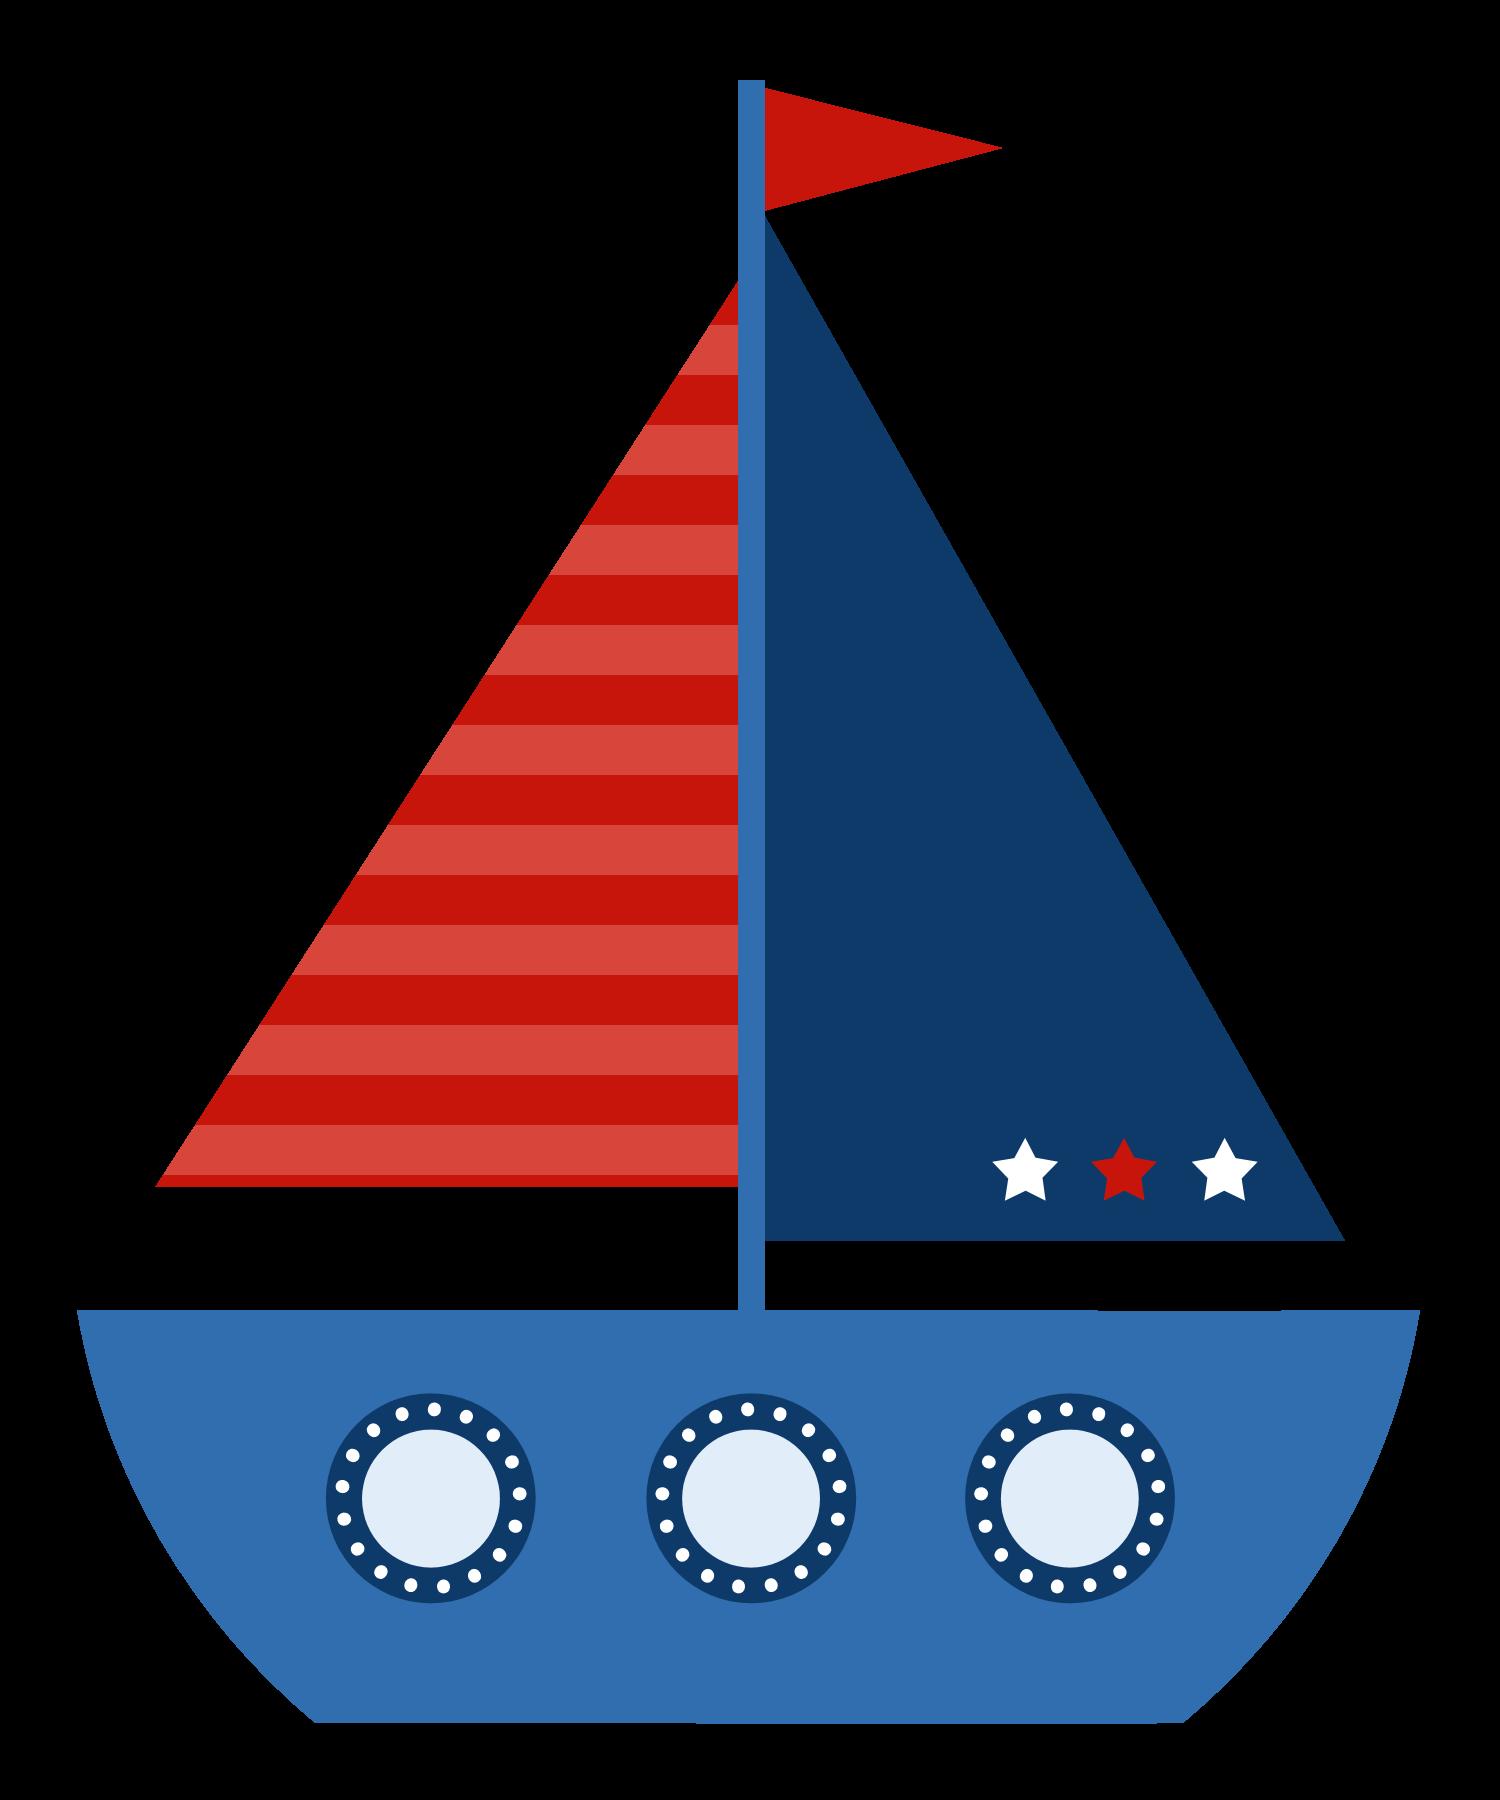 Paper clipart sailboat. Corujinha beb png pesquisa